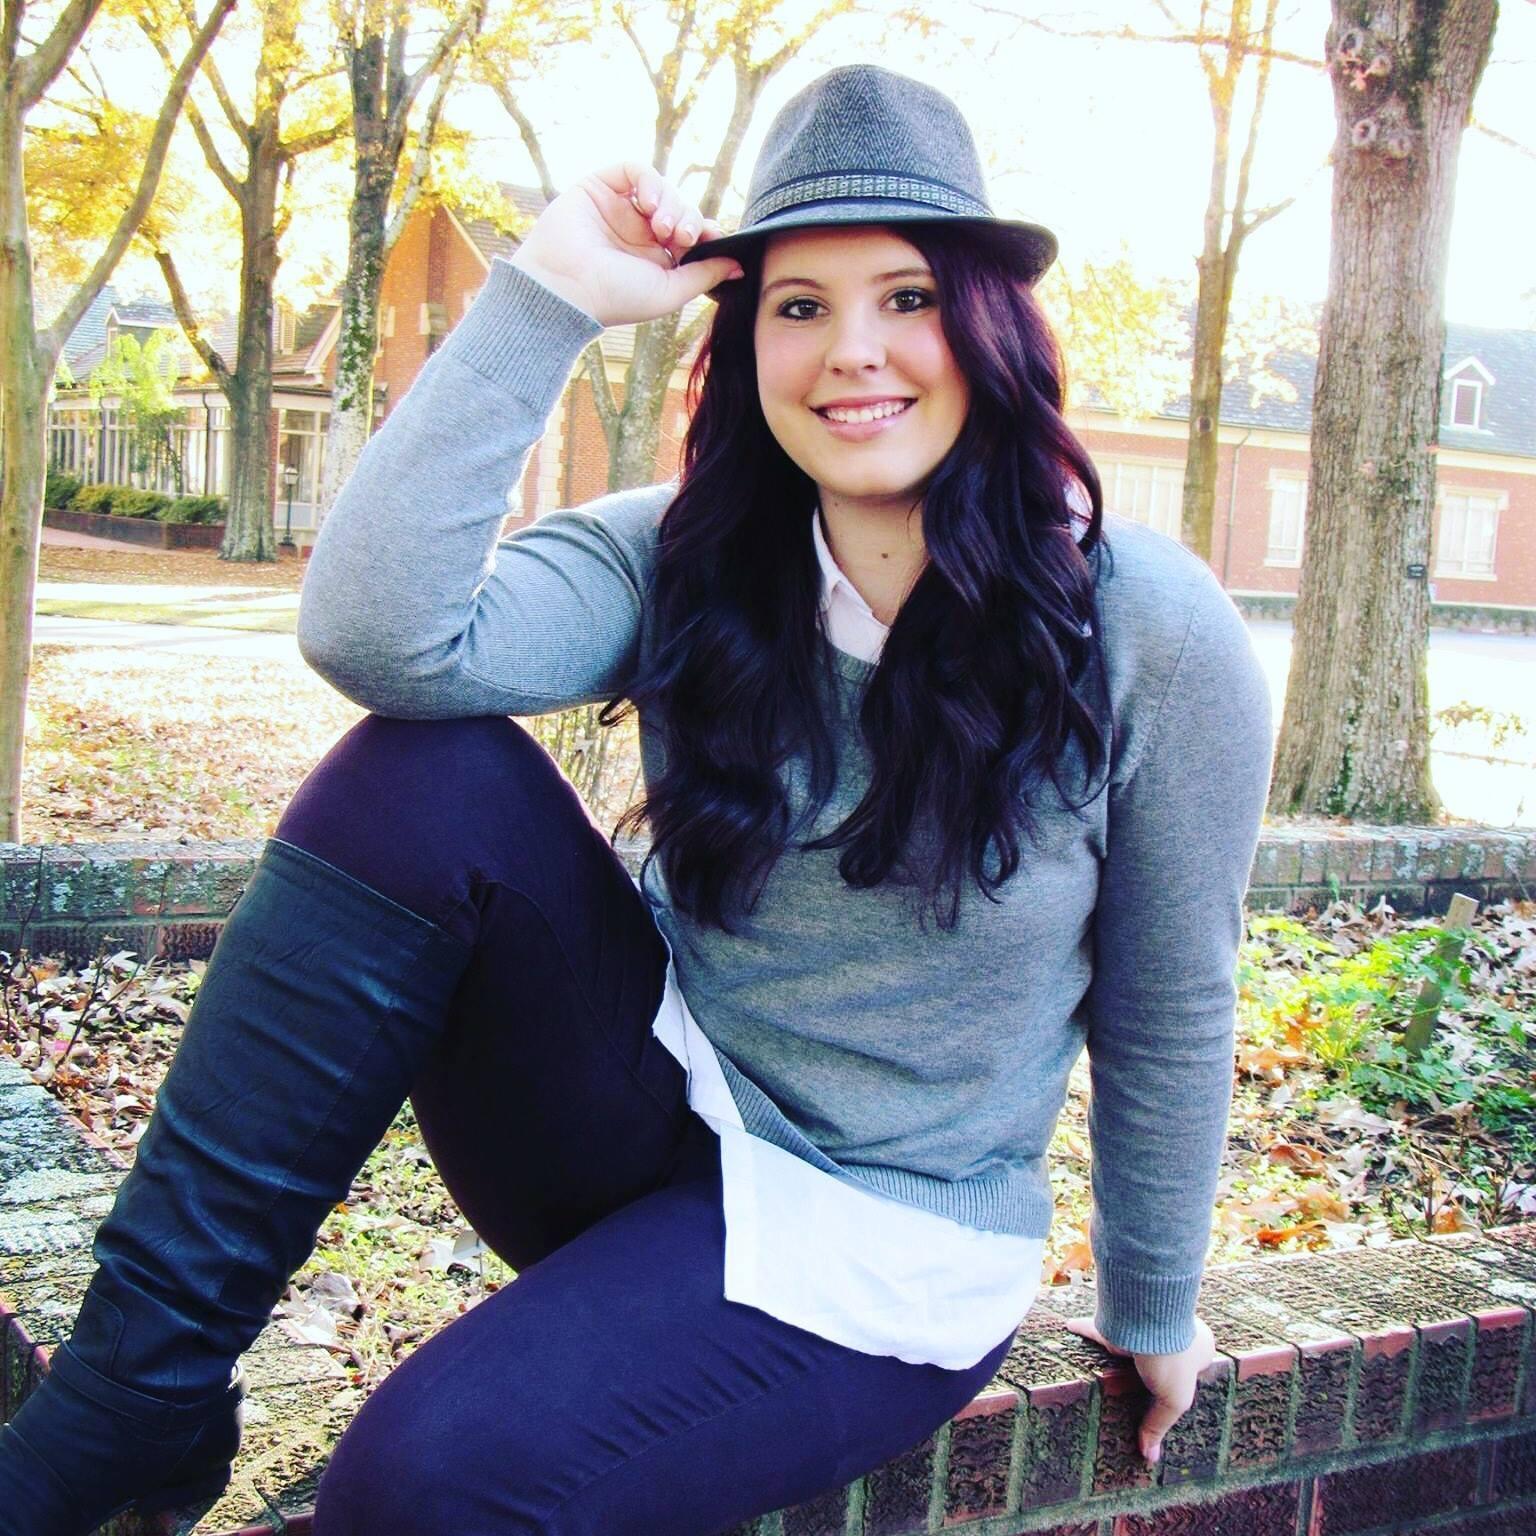 Heather Reinold University of Central Arkansas